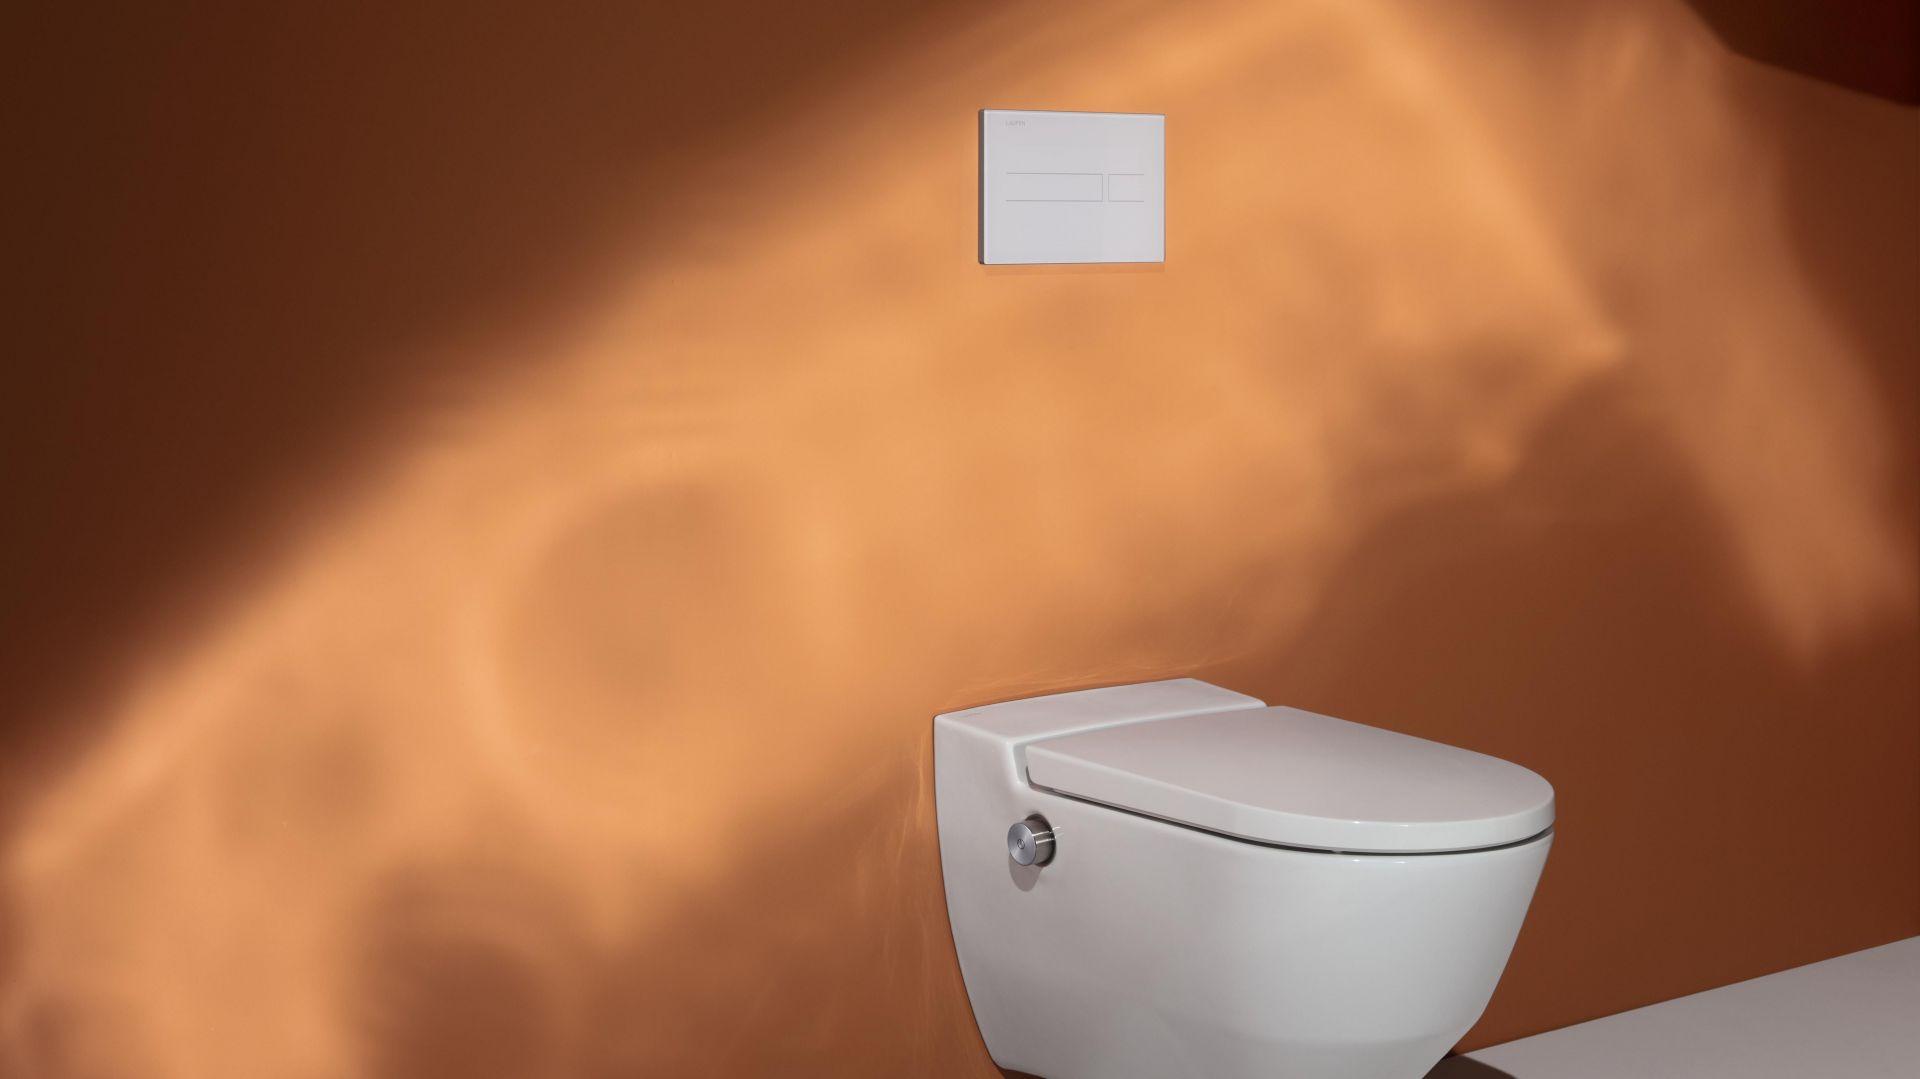 Higiena na najwyższym poziomie - nowa toaleta myjąca Navia. Fot. Laufen